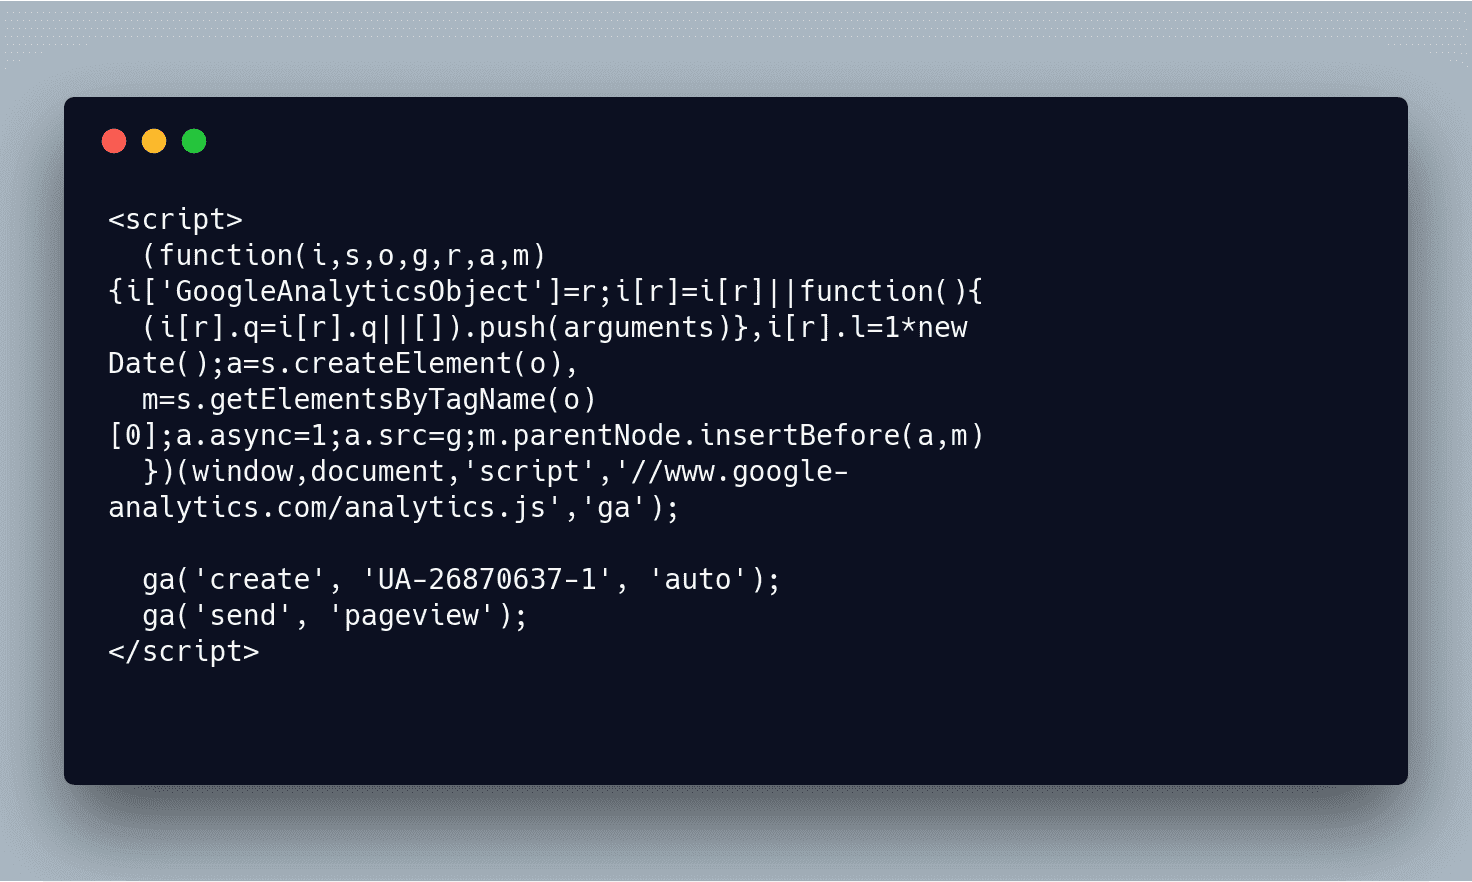 Такой вот код обнаружили на сайте Европарламента. Это обычный счётчик от Google, но в данном случае важно, что понимать, как код функционирует, должны не только люди, которые сайт эксплуатируют, но и Google: GDPR запрещает сбор полных IP-адресов без спросу и чёткого указания цели.